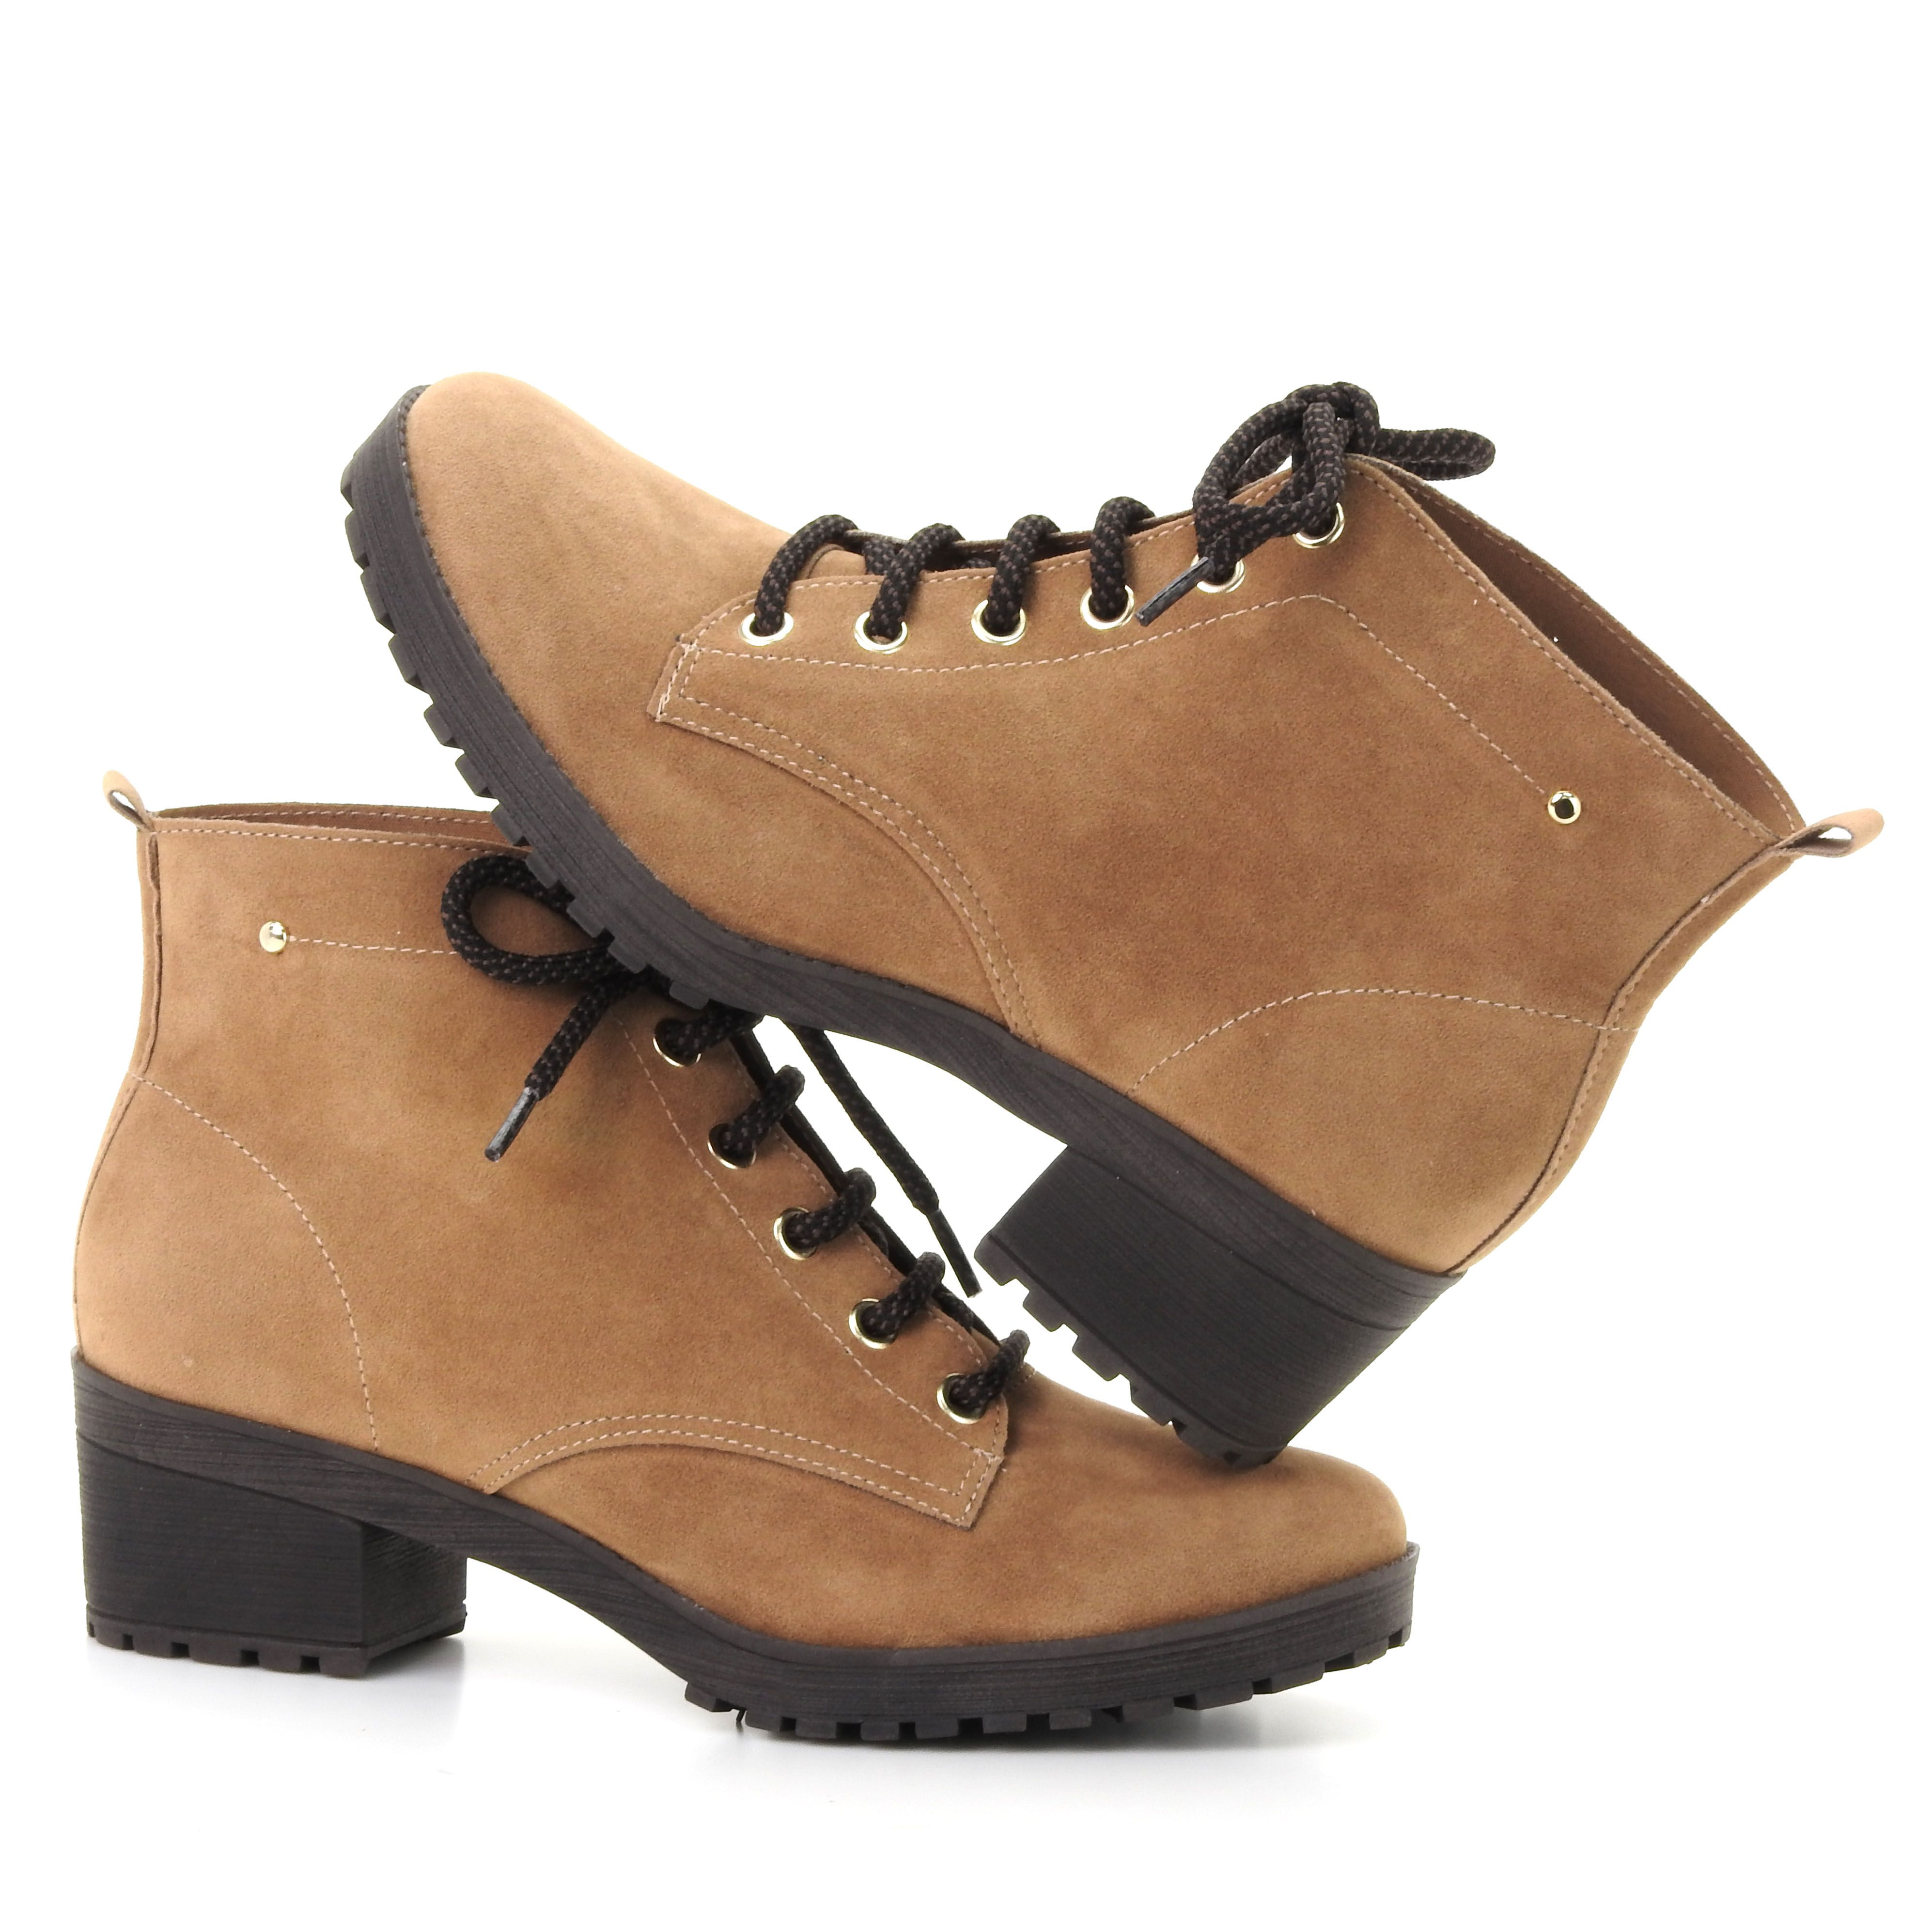 b48bd46d4e boots - bota - coturno - winter - Inverno 2016 - Ref. 16-4908 ...